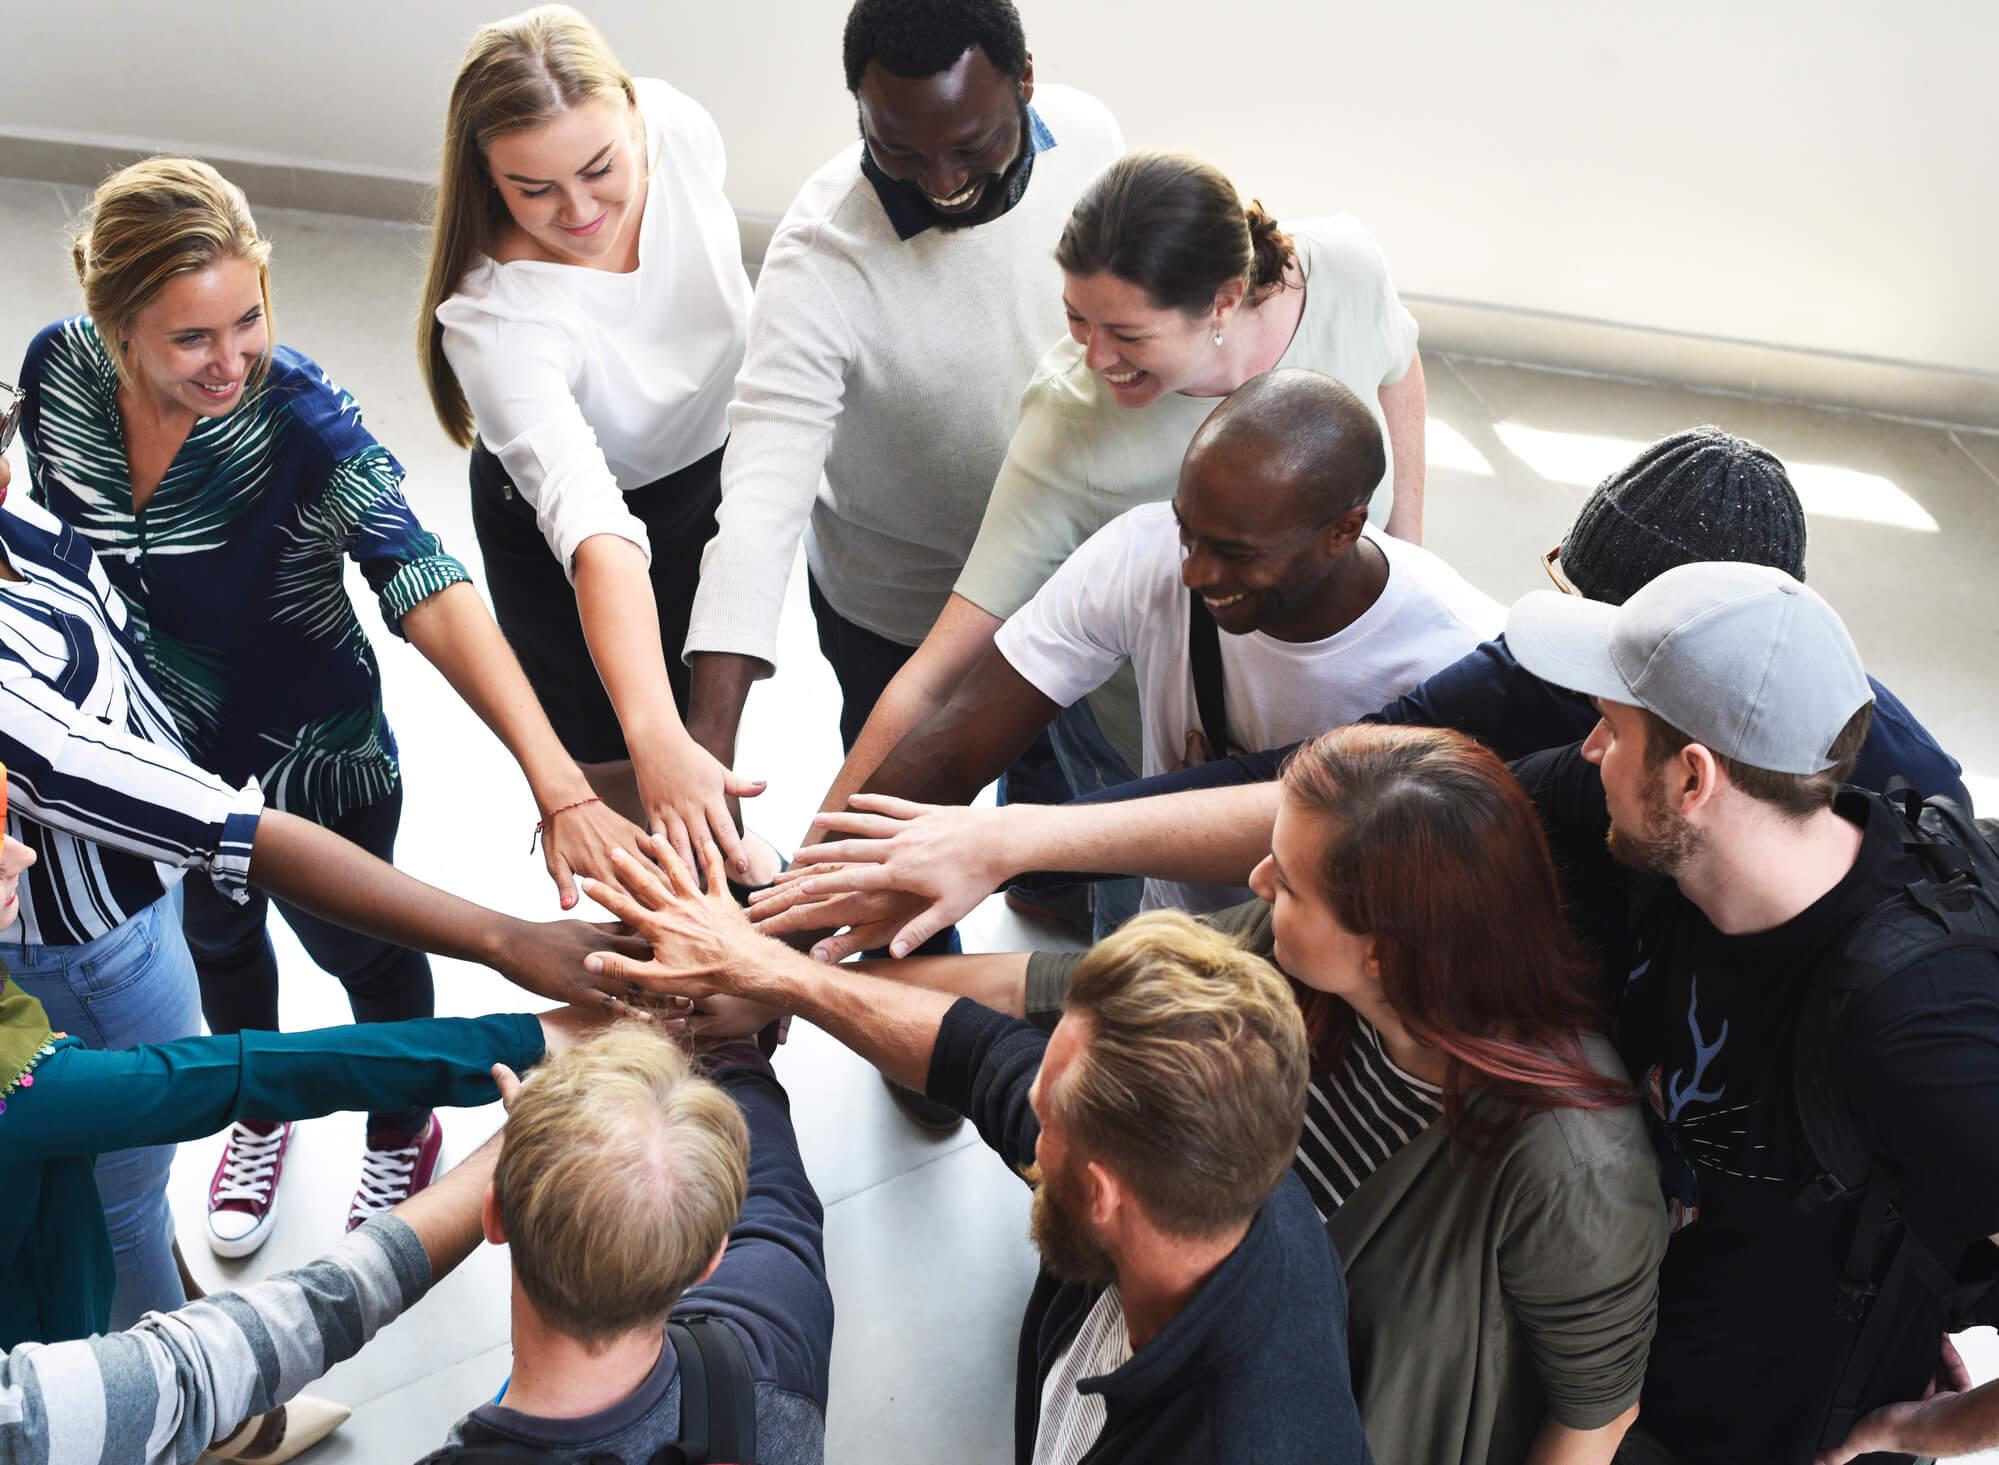 A diversidade na forma como lidamos com uma mesma situação